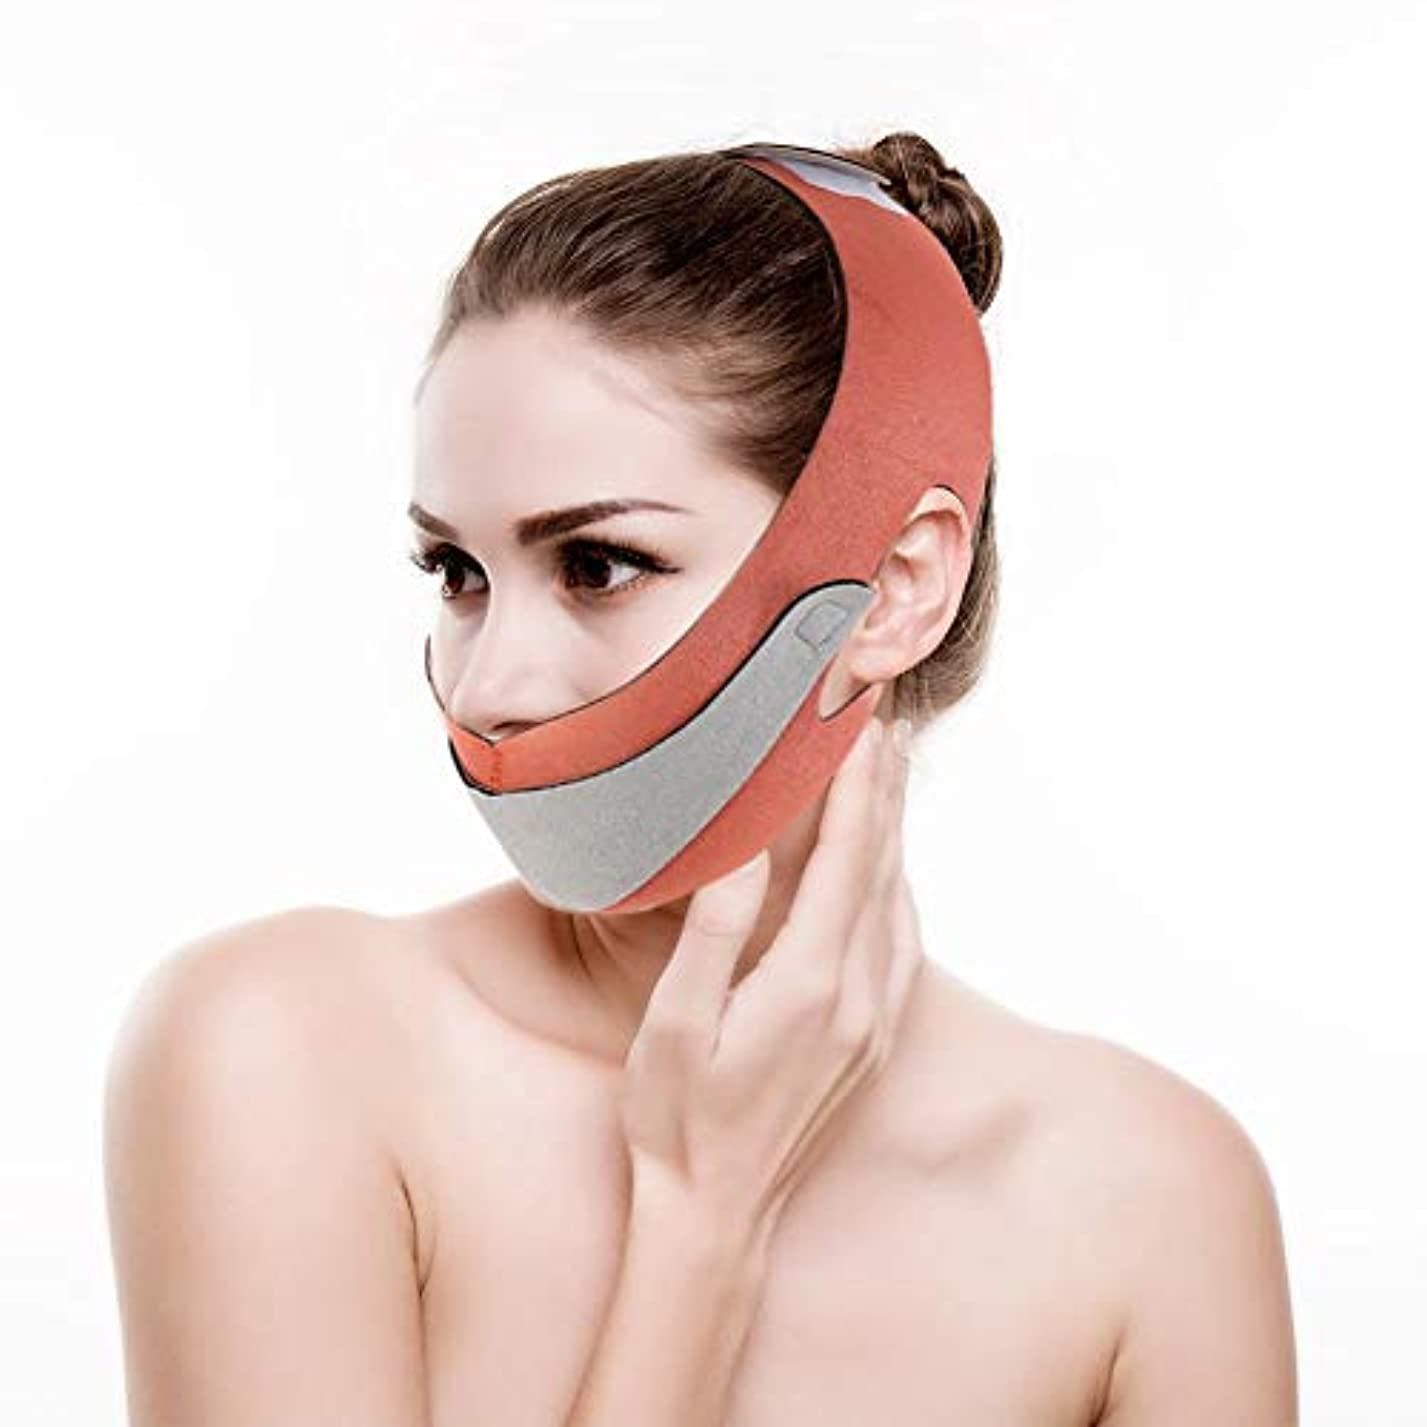 検索有効な発掘するフェイシャルスリミングマスク プロテクターカバレッジリフティング フェイス減量 ベルト減量 ダブルチェーン スキンケア(2)